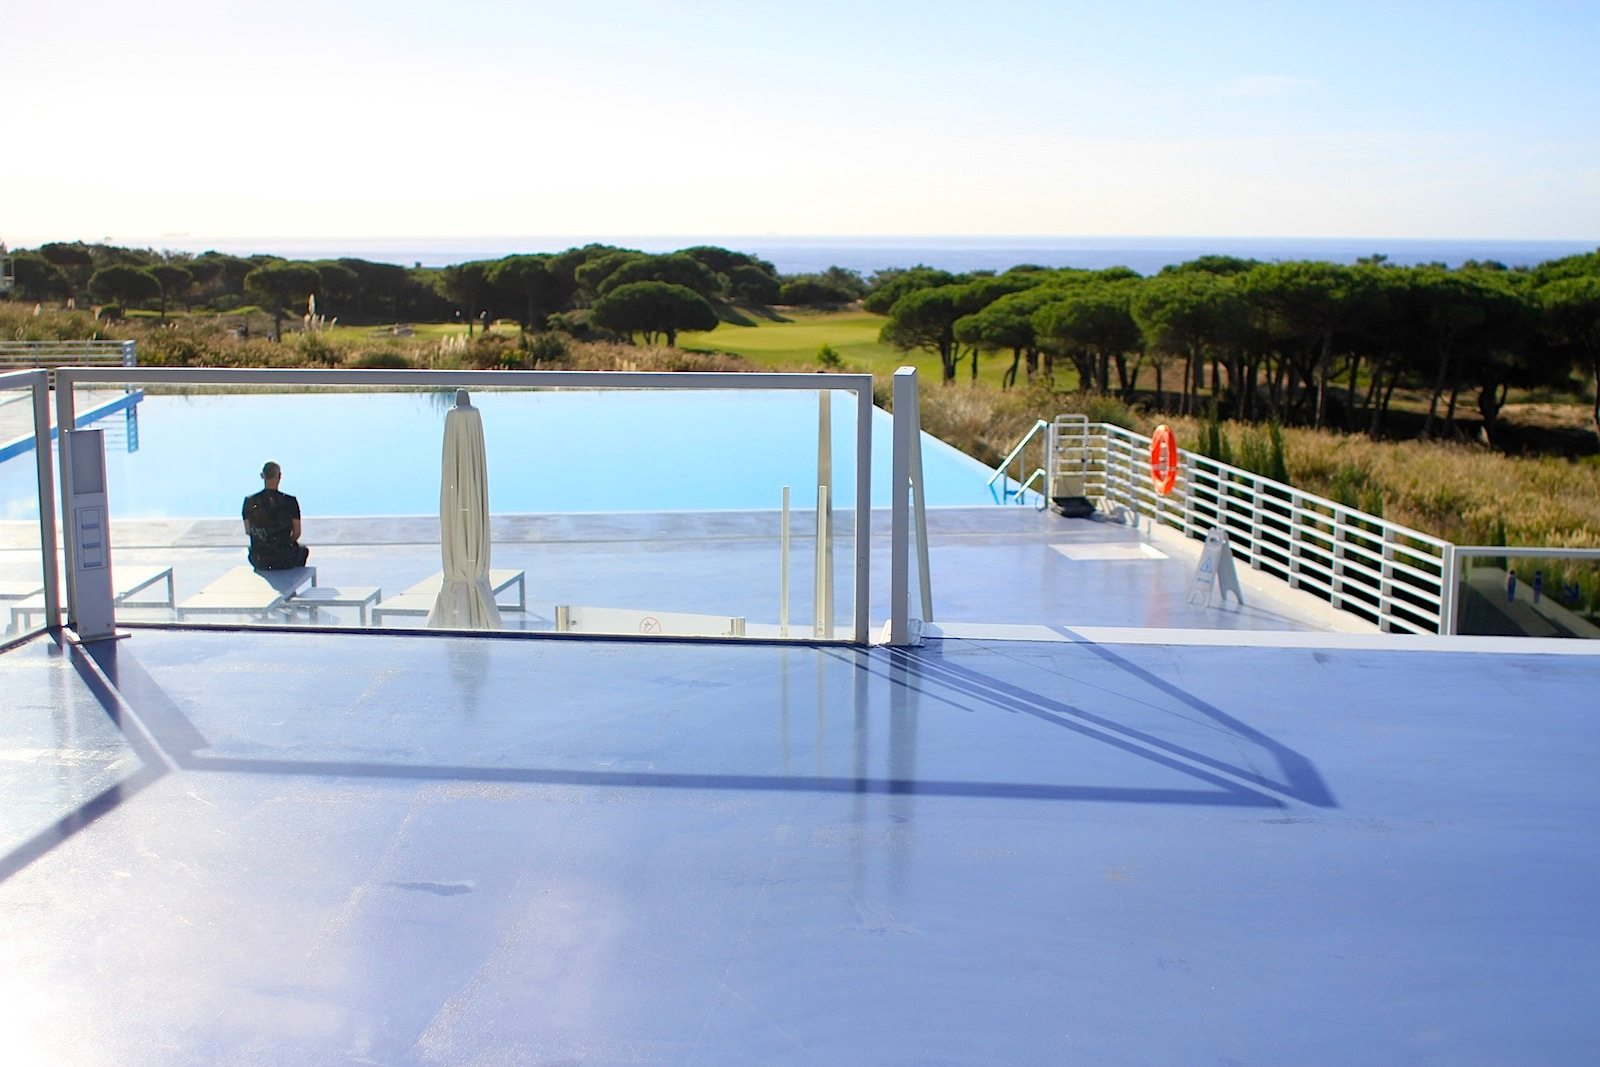 The Oitavos. Alles im Hotel ist auf die umliegende Naturlandschaft mit dem Schirmkieferbestand und den Ausblick auf den Atlantik ausgerichtet.